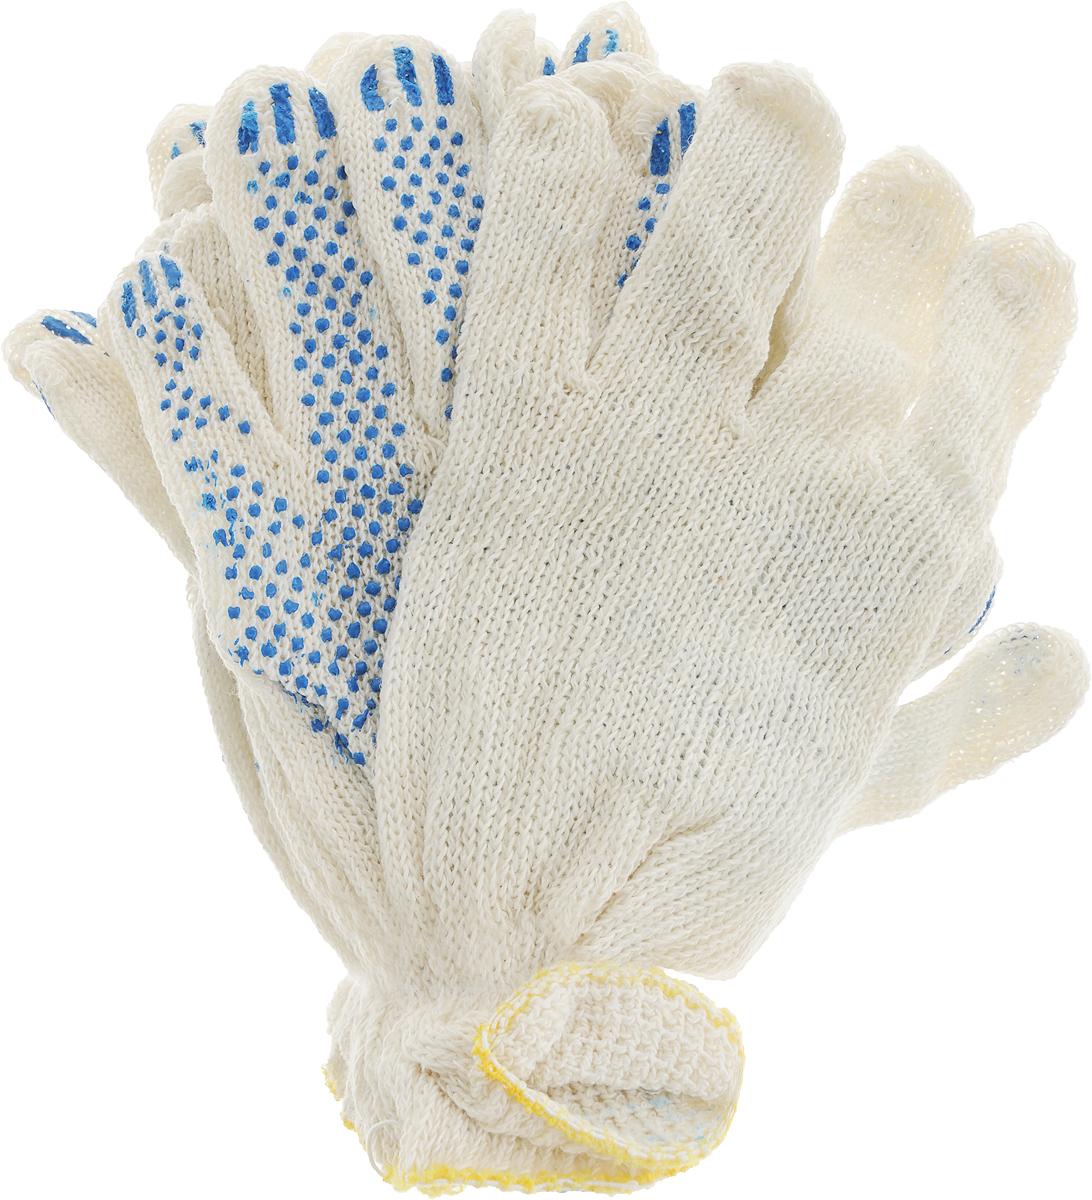 Перчатки Вихрь, с ПВХ покрытием, 5 пар73/4/1/1Вязаные перчатки Вихрь, выполненные из хлопка и полиэфира, предназначены для строительных и погрузочно-разгрузочных работ. Ладонная часть усилена слоем из ПВХ материала, что обеспечивает дополнительную защиту рук.